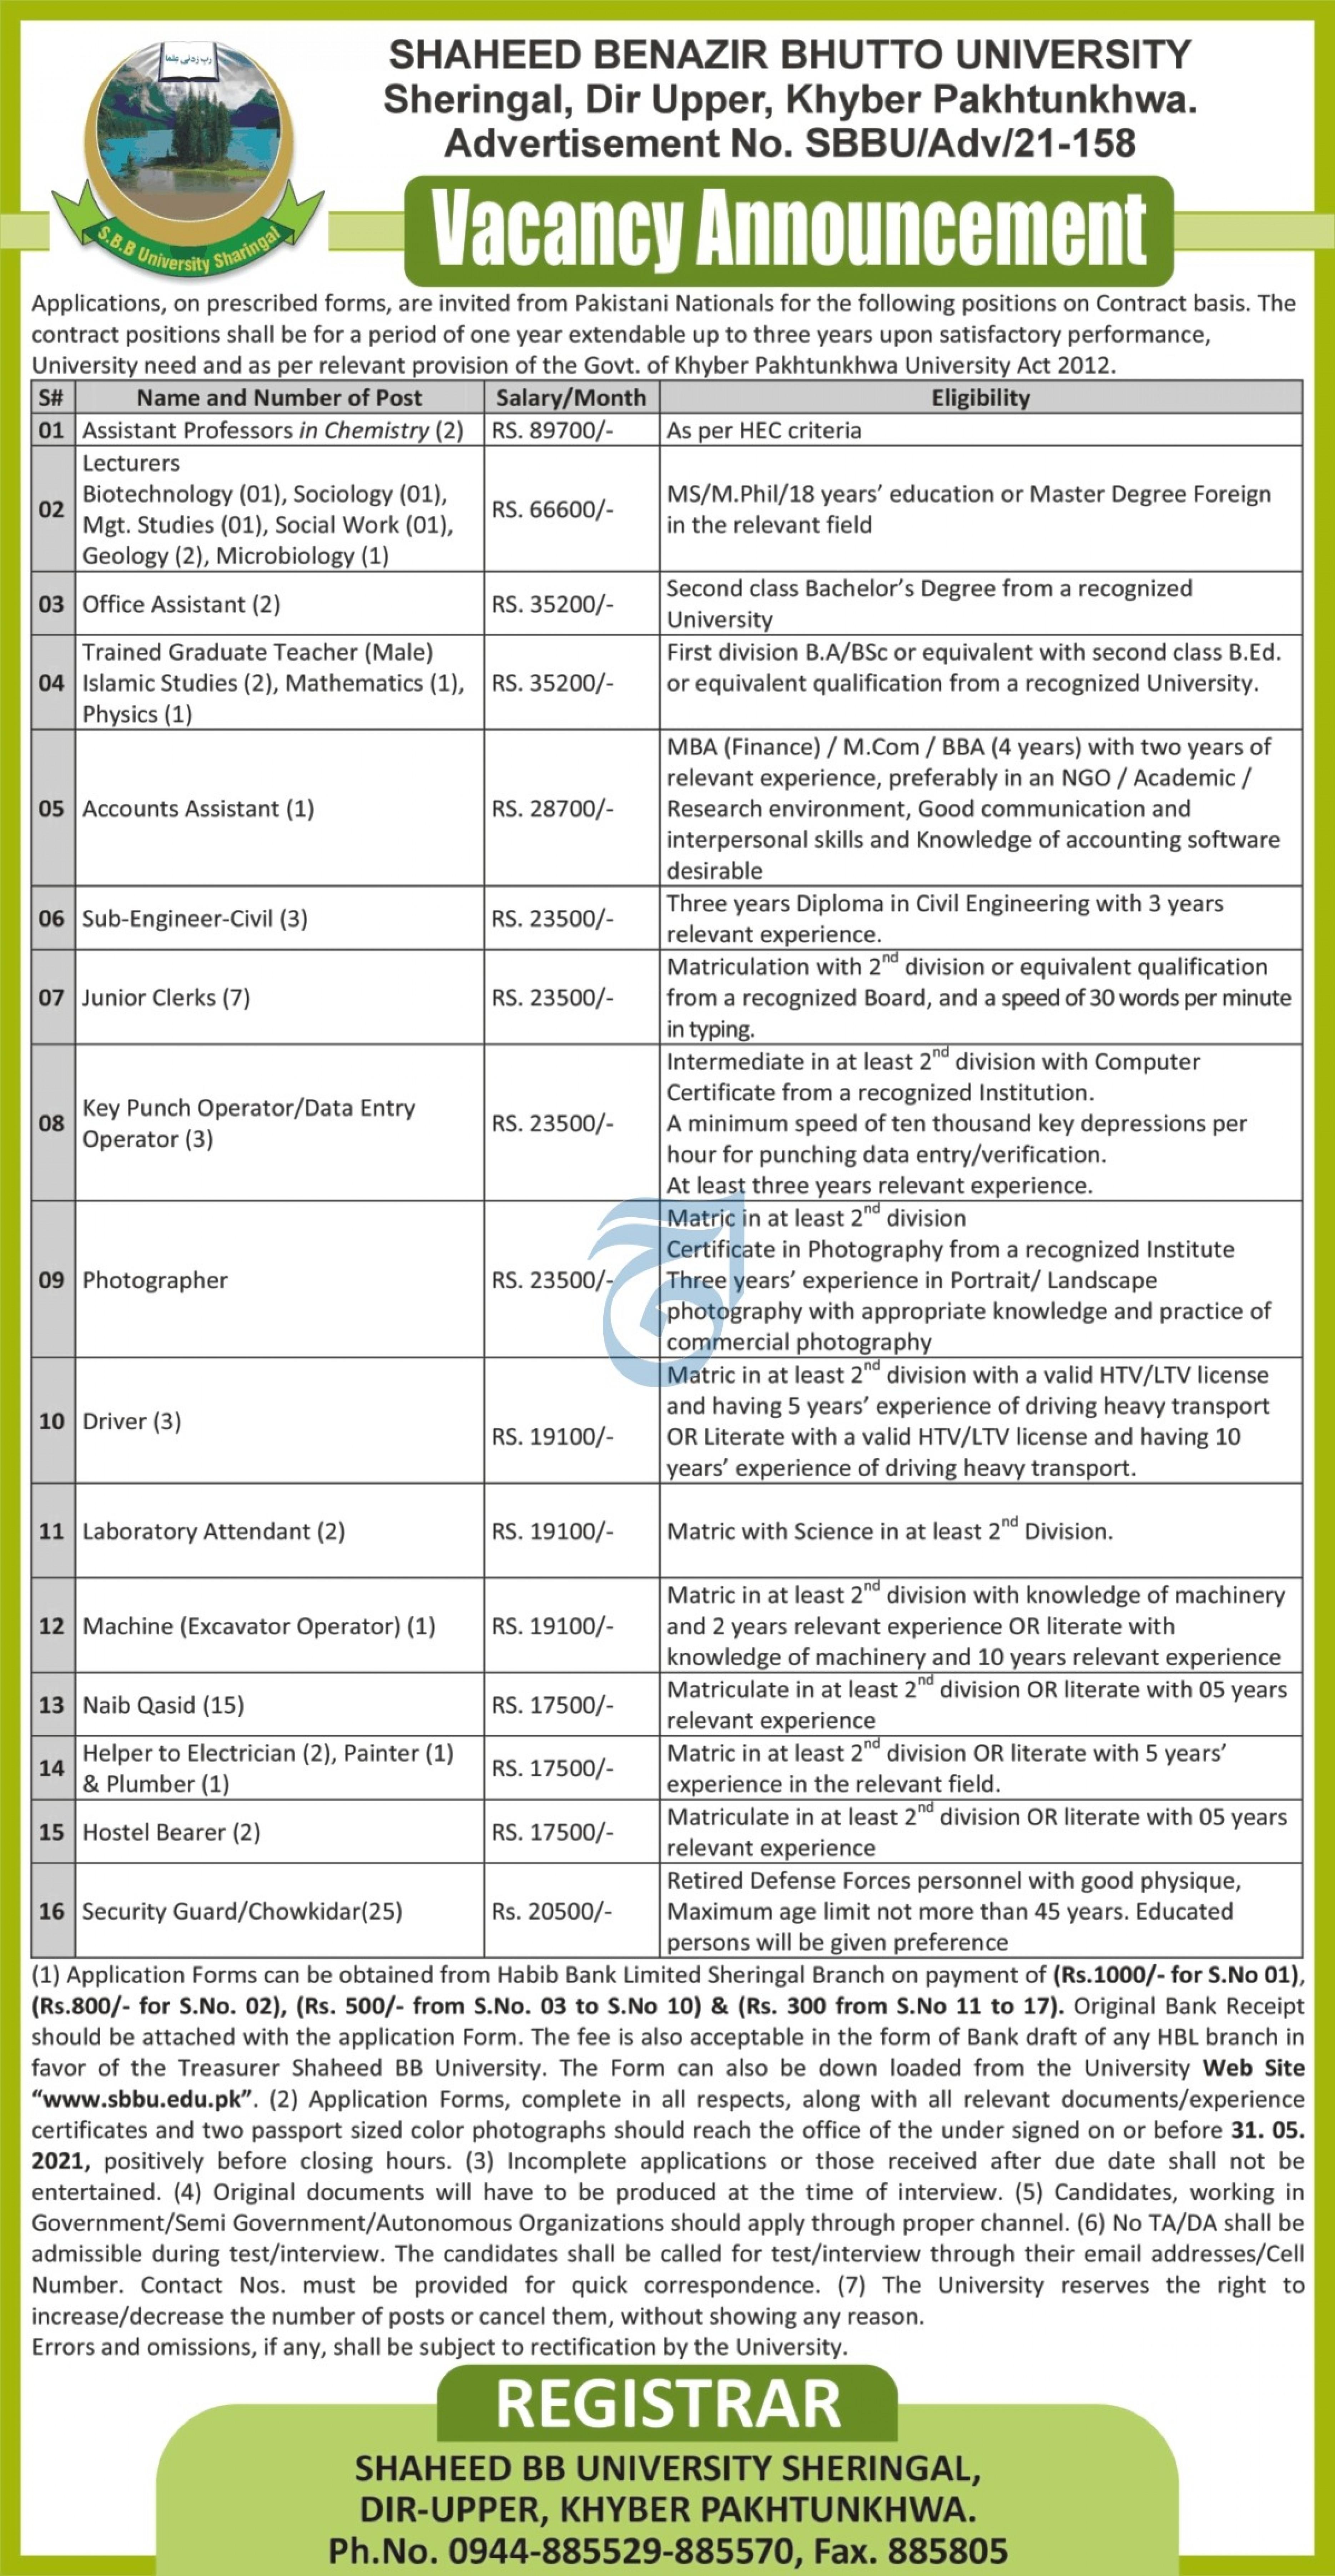 Shaheed Benazir Bhutto University Jobs 2021